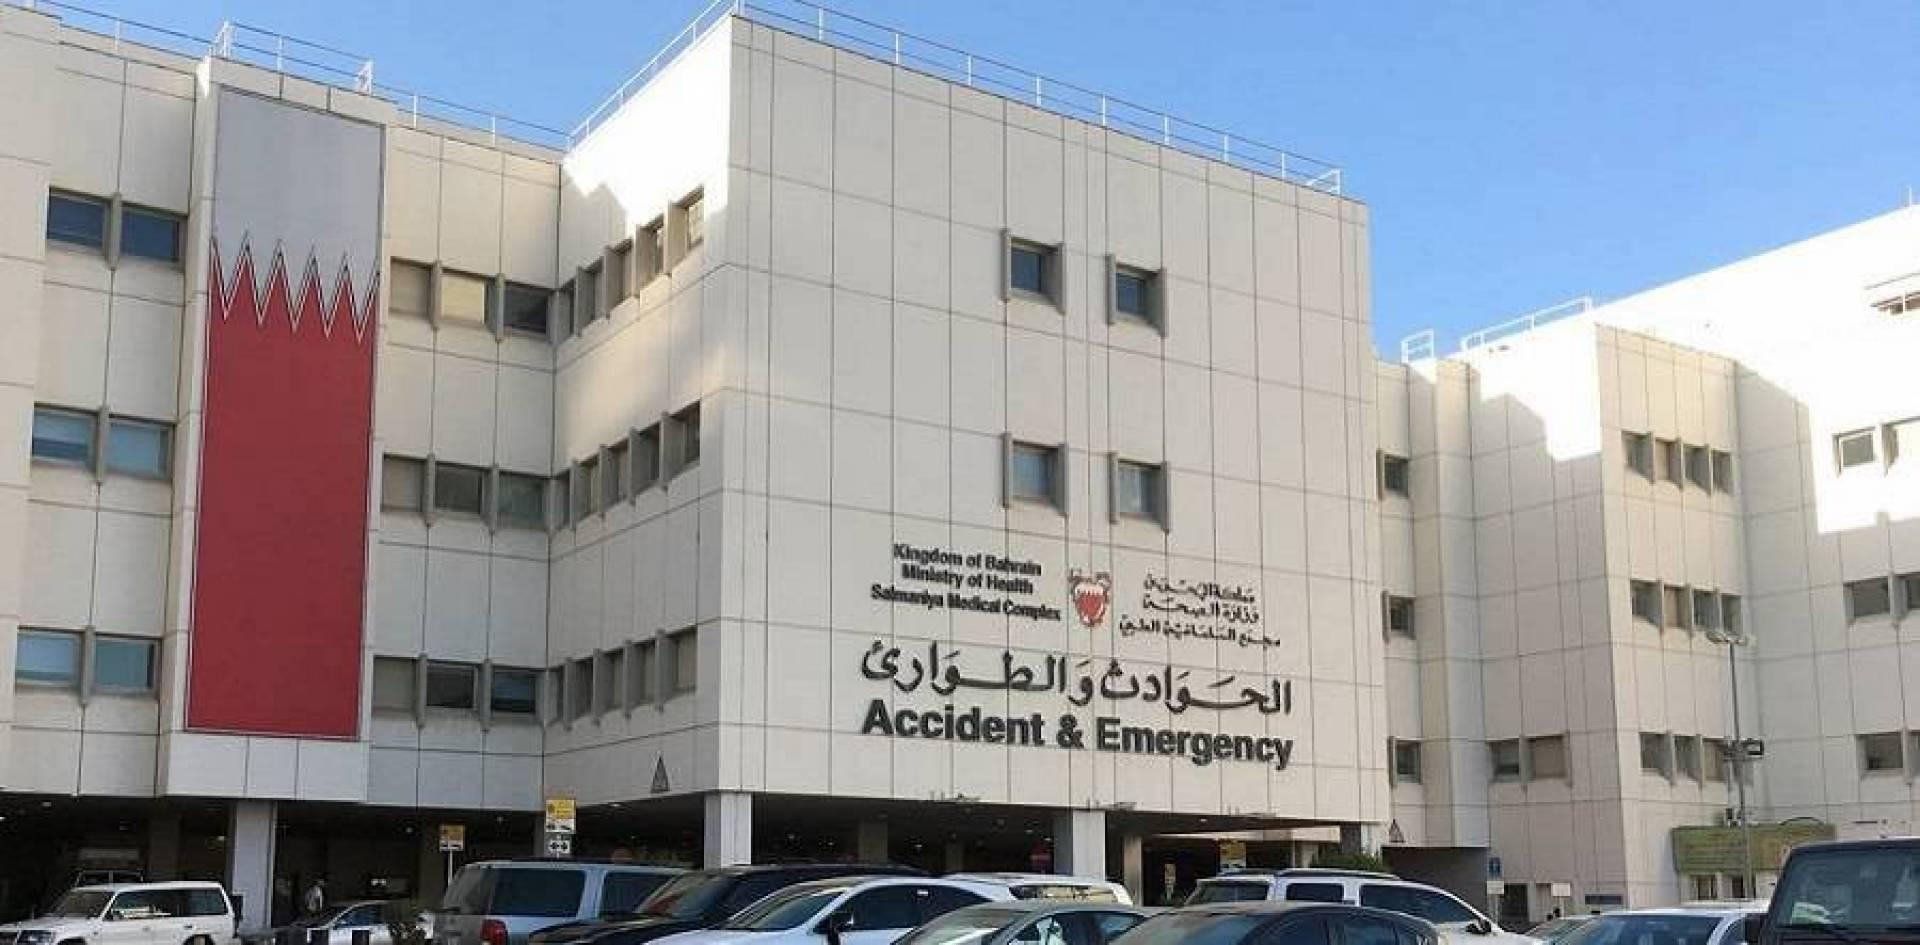 """٢٠٢١٠١١٦ ١٢٢٨٥١ - البحرين: """"فايزر"""" ستتأخر في تسليم شحنة يناير من لقاح """"كورونا"""".   #العبدلي_نيوز"""